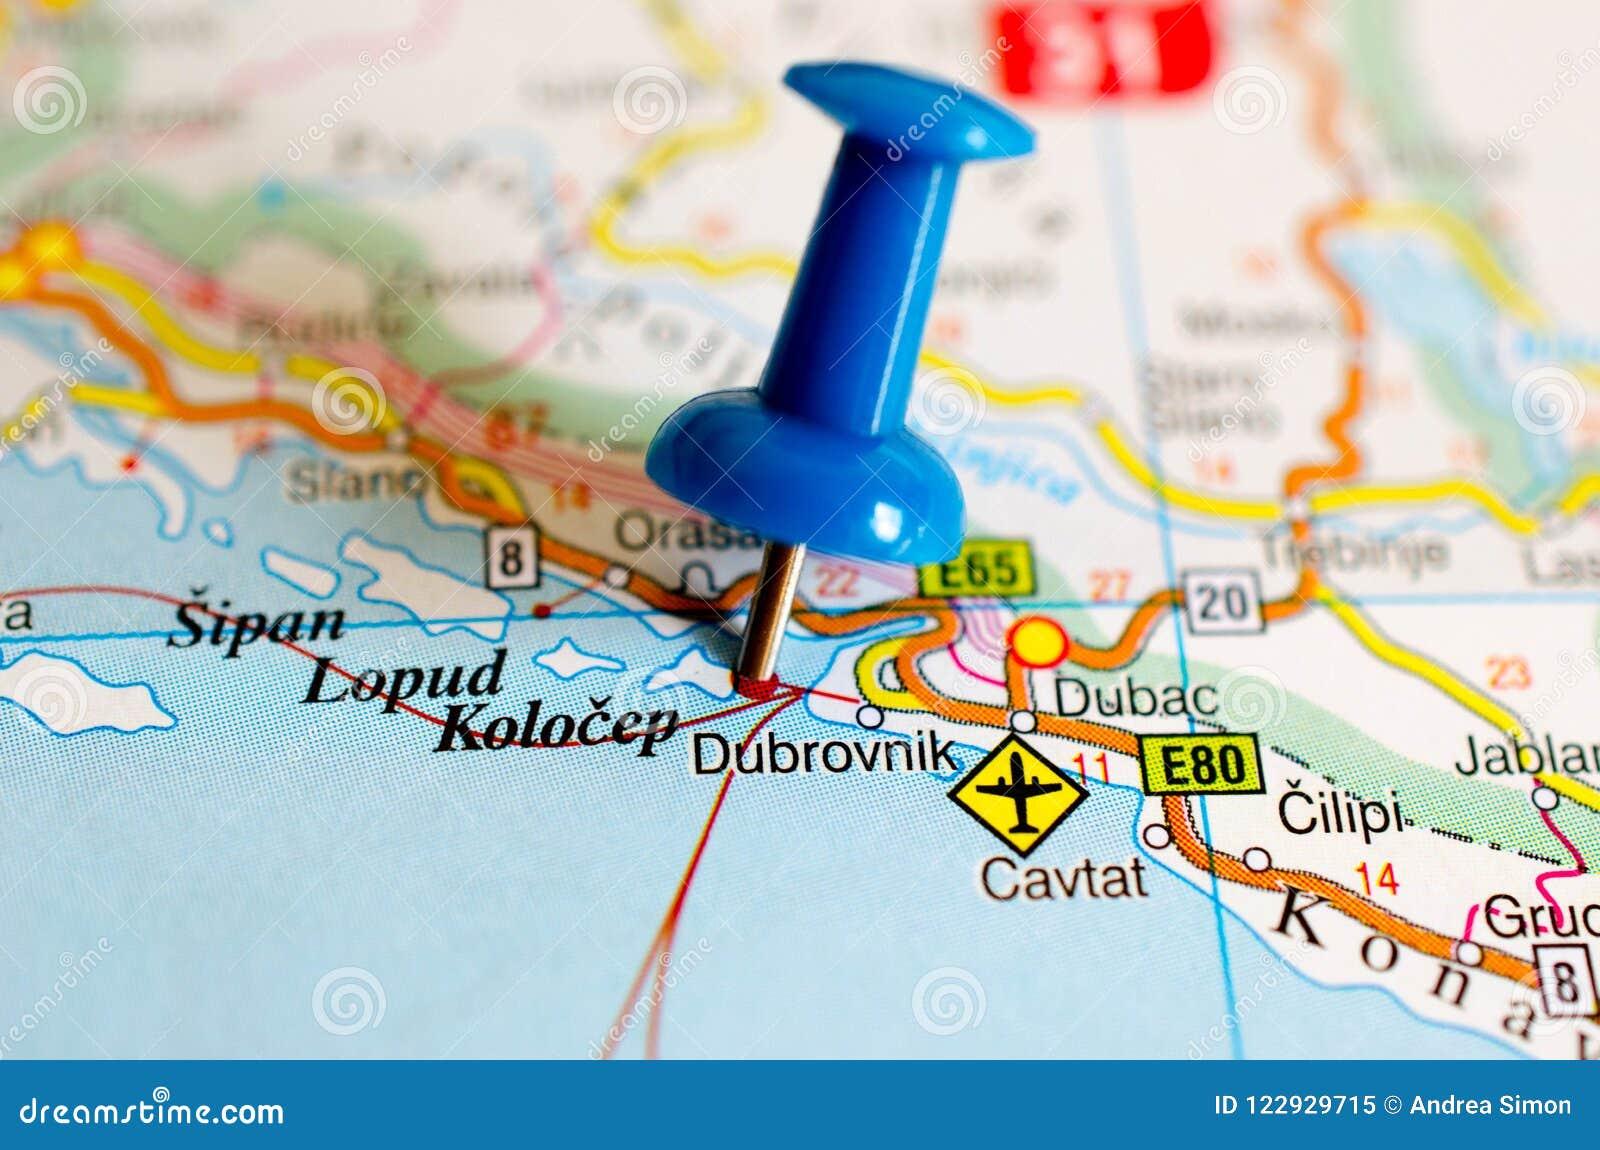 Dubrovnik Map on